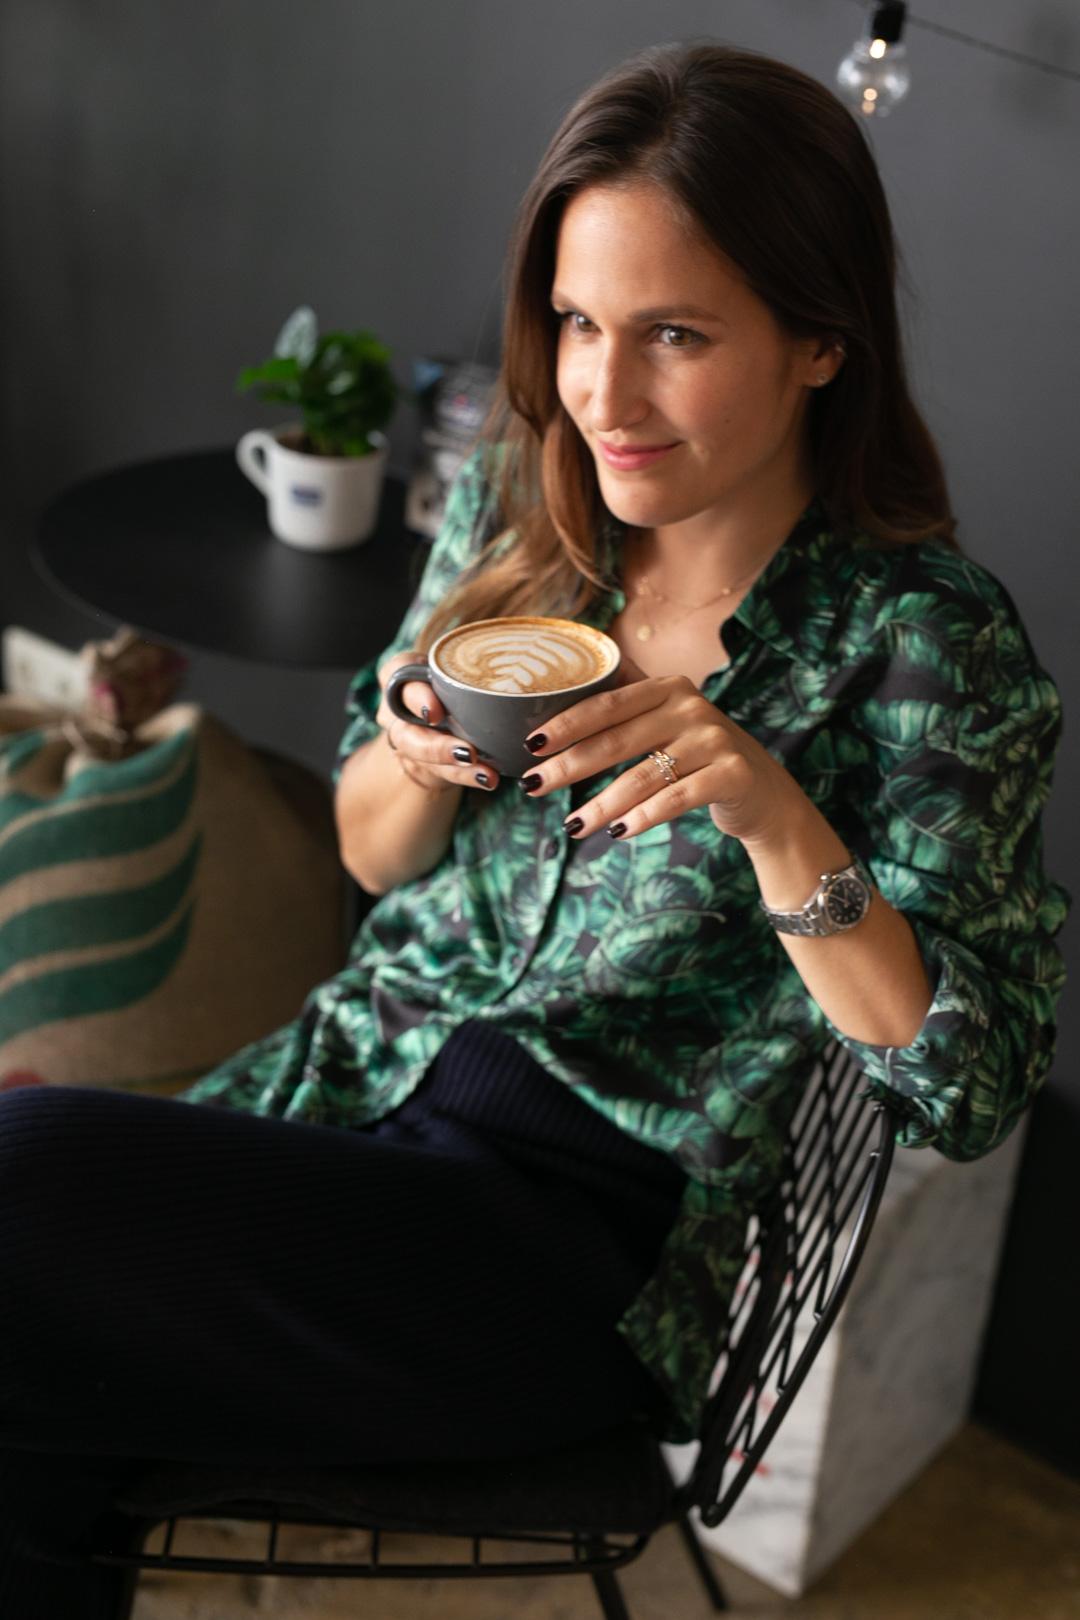 Durgol Coffee Day - Barista-Workshop in München | www.piecesofmariposa - Lifestyle Blog aus Nürnberg